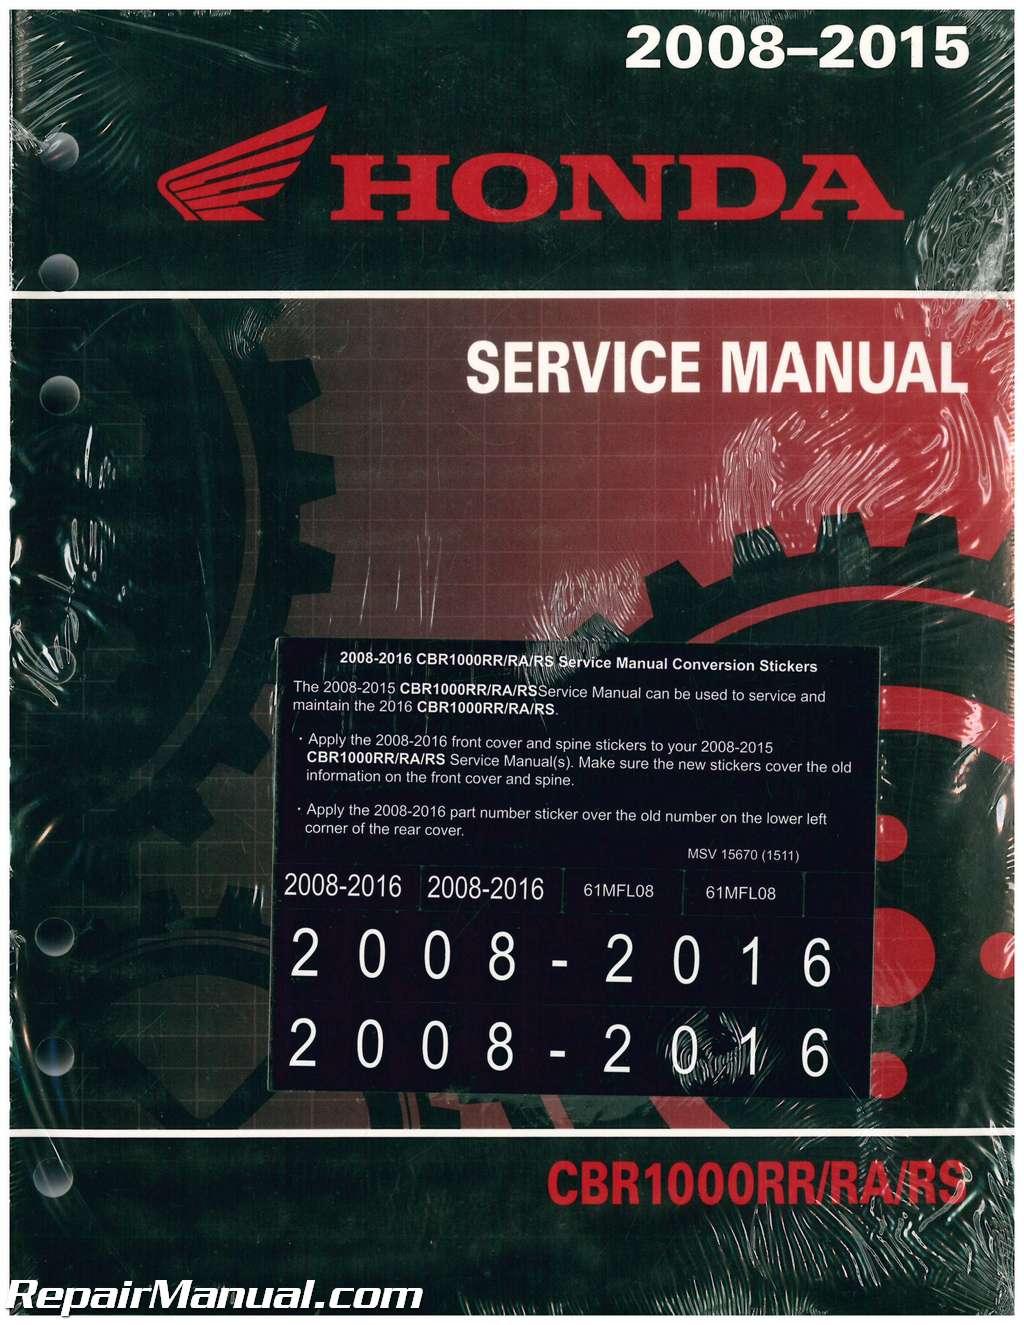 2008-2016-Honda-CBR1000RR-Motorcycle-Service-Manual_001.jpg ...